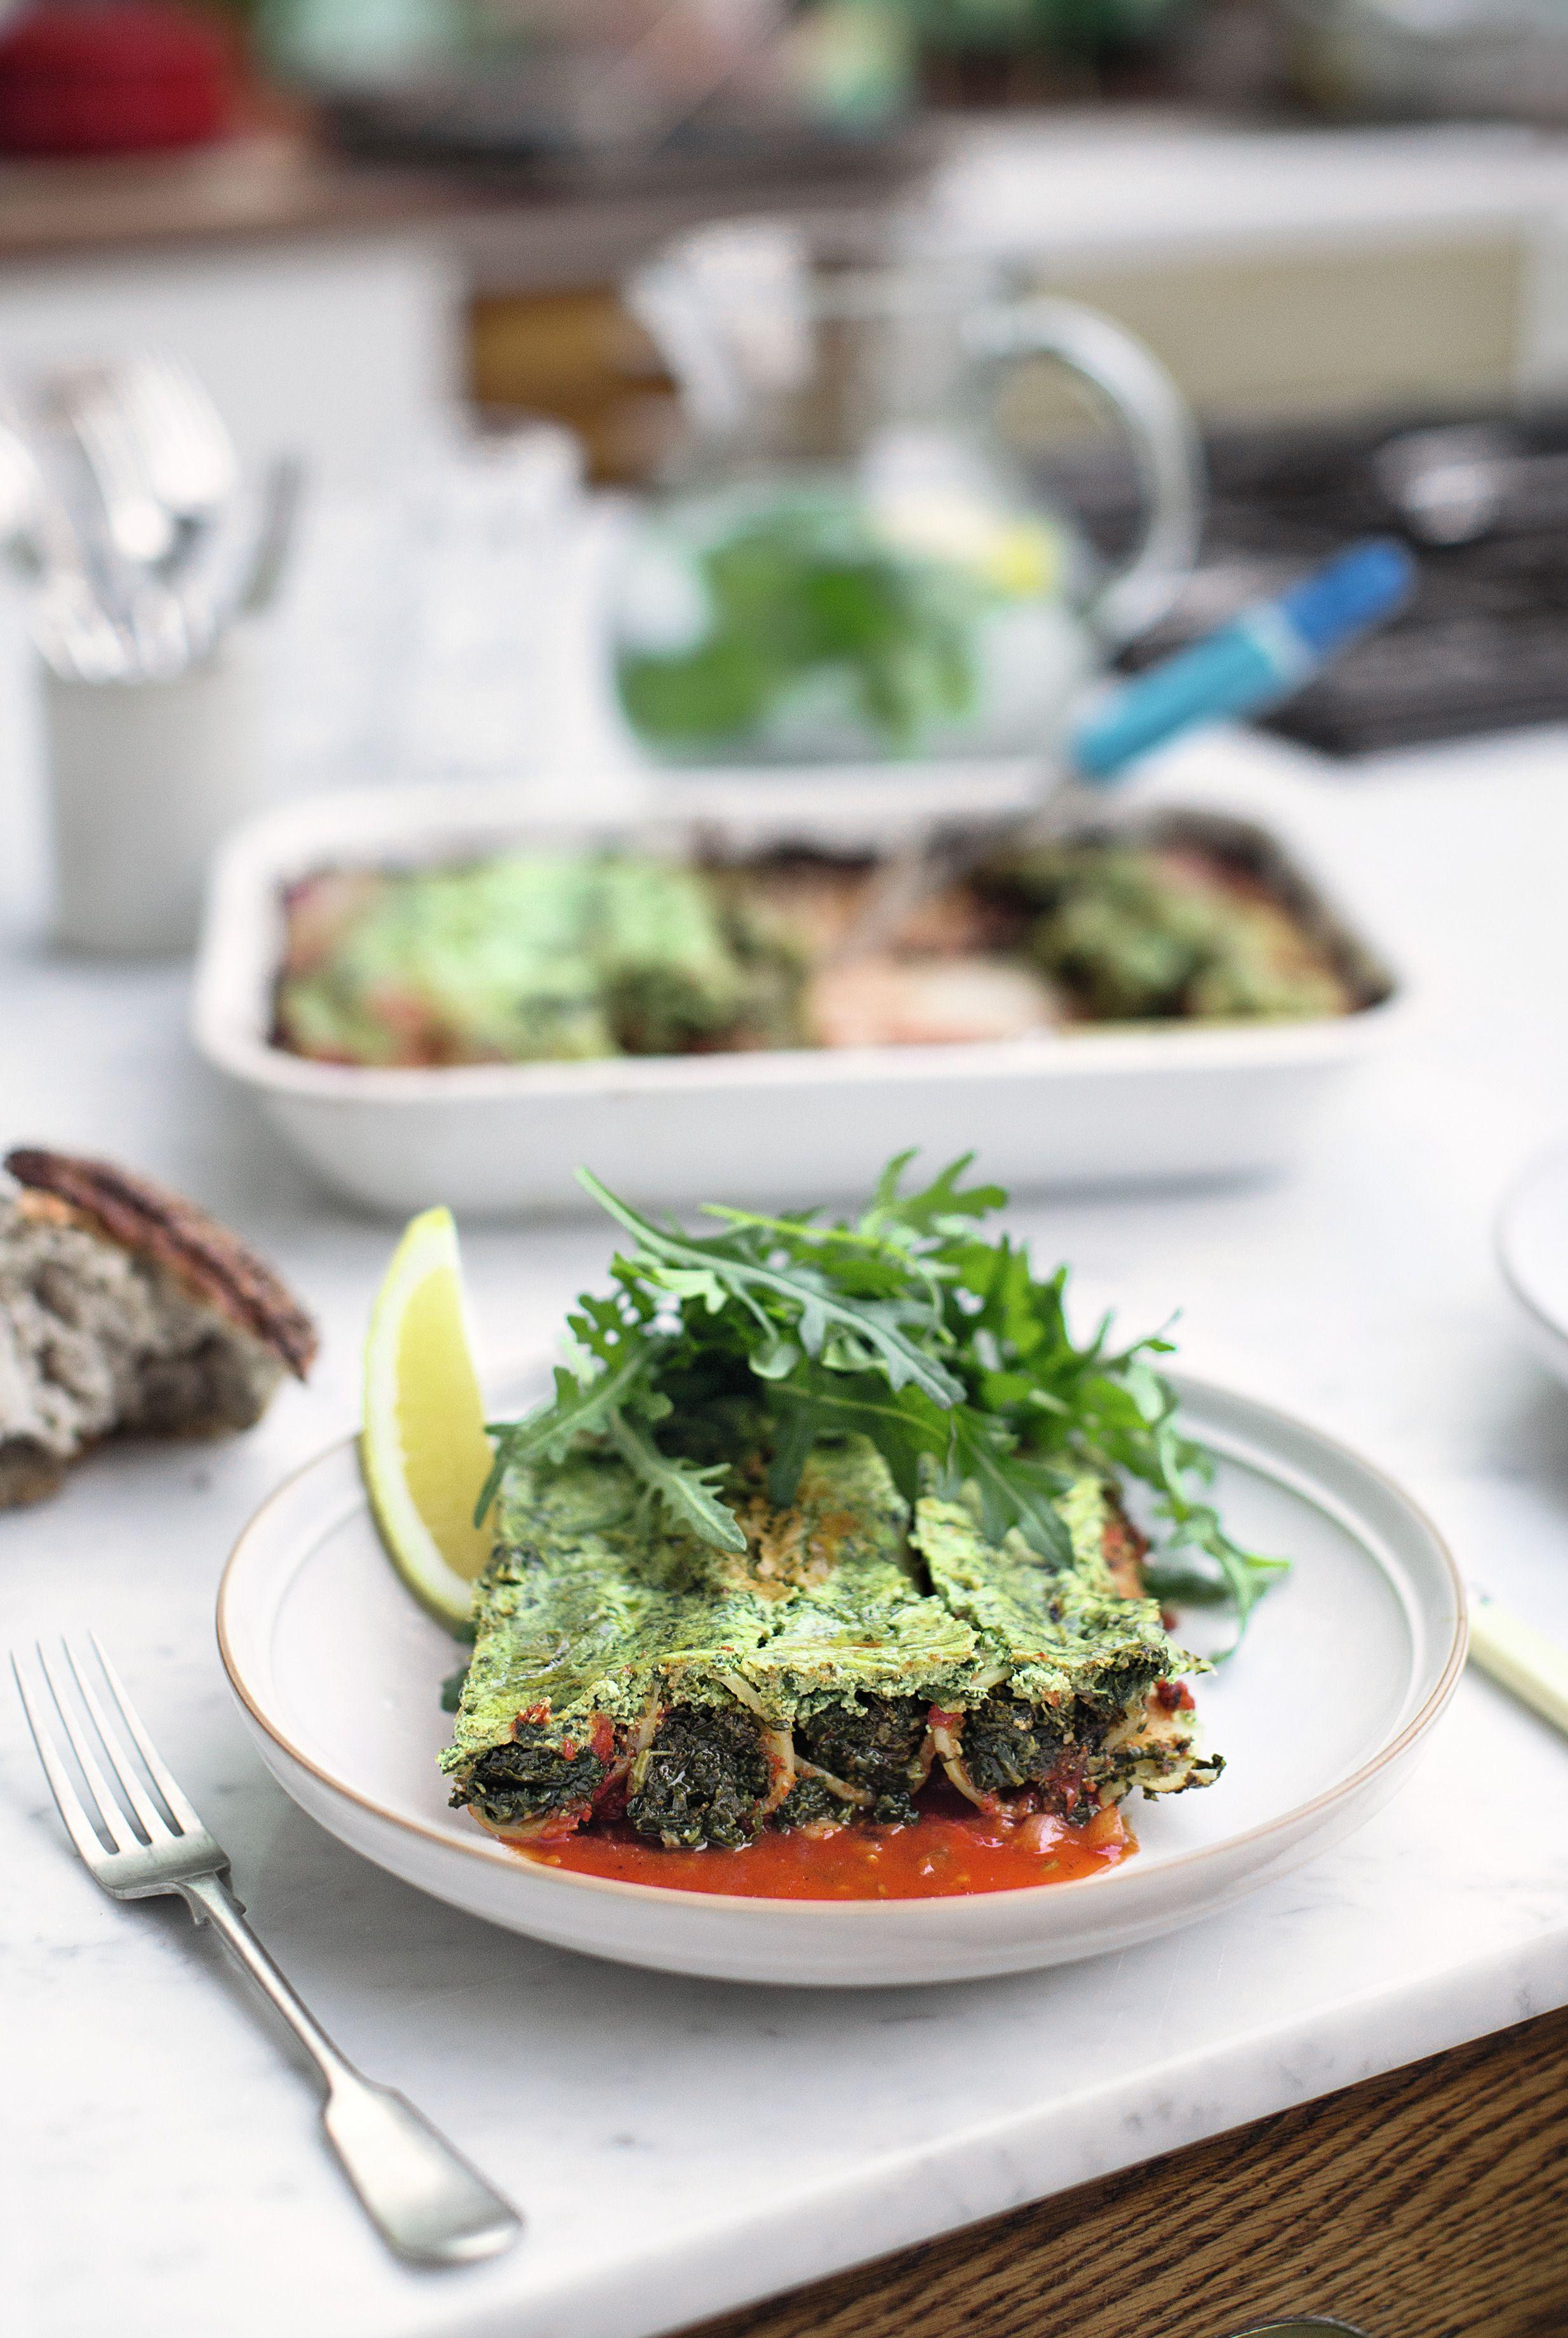 Super Greens Cannelloni Pasta Recipes Jamie Oliver Recipes Recipe Cannelloni Recipes Jamie Oliver Recipes Pasta Recipes